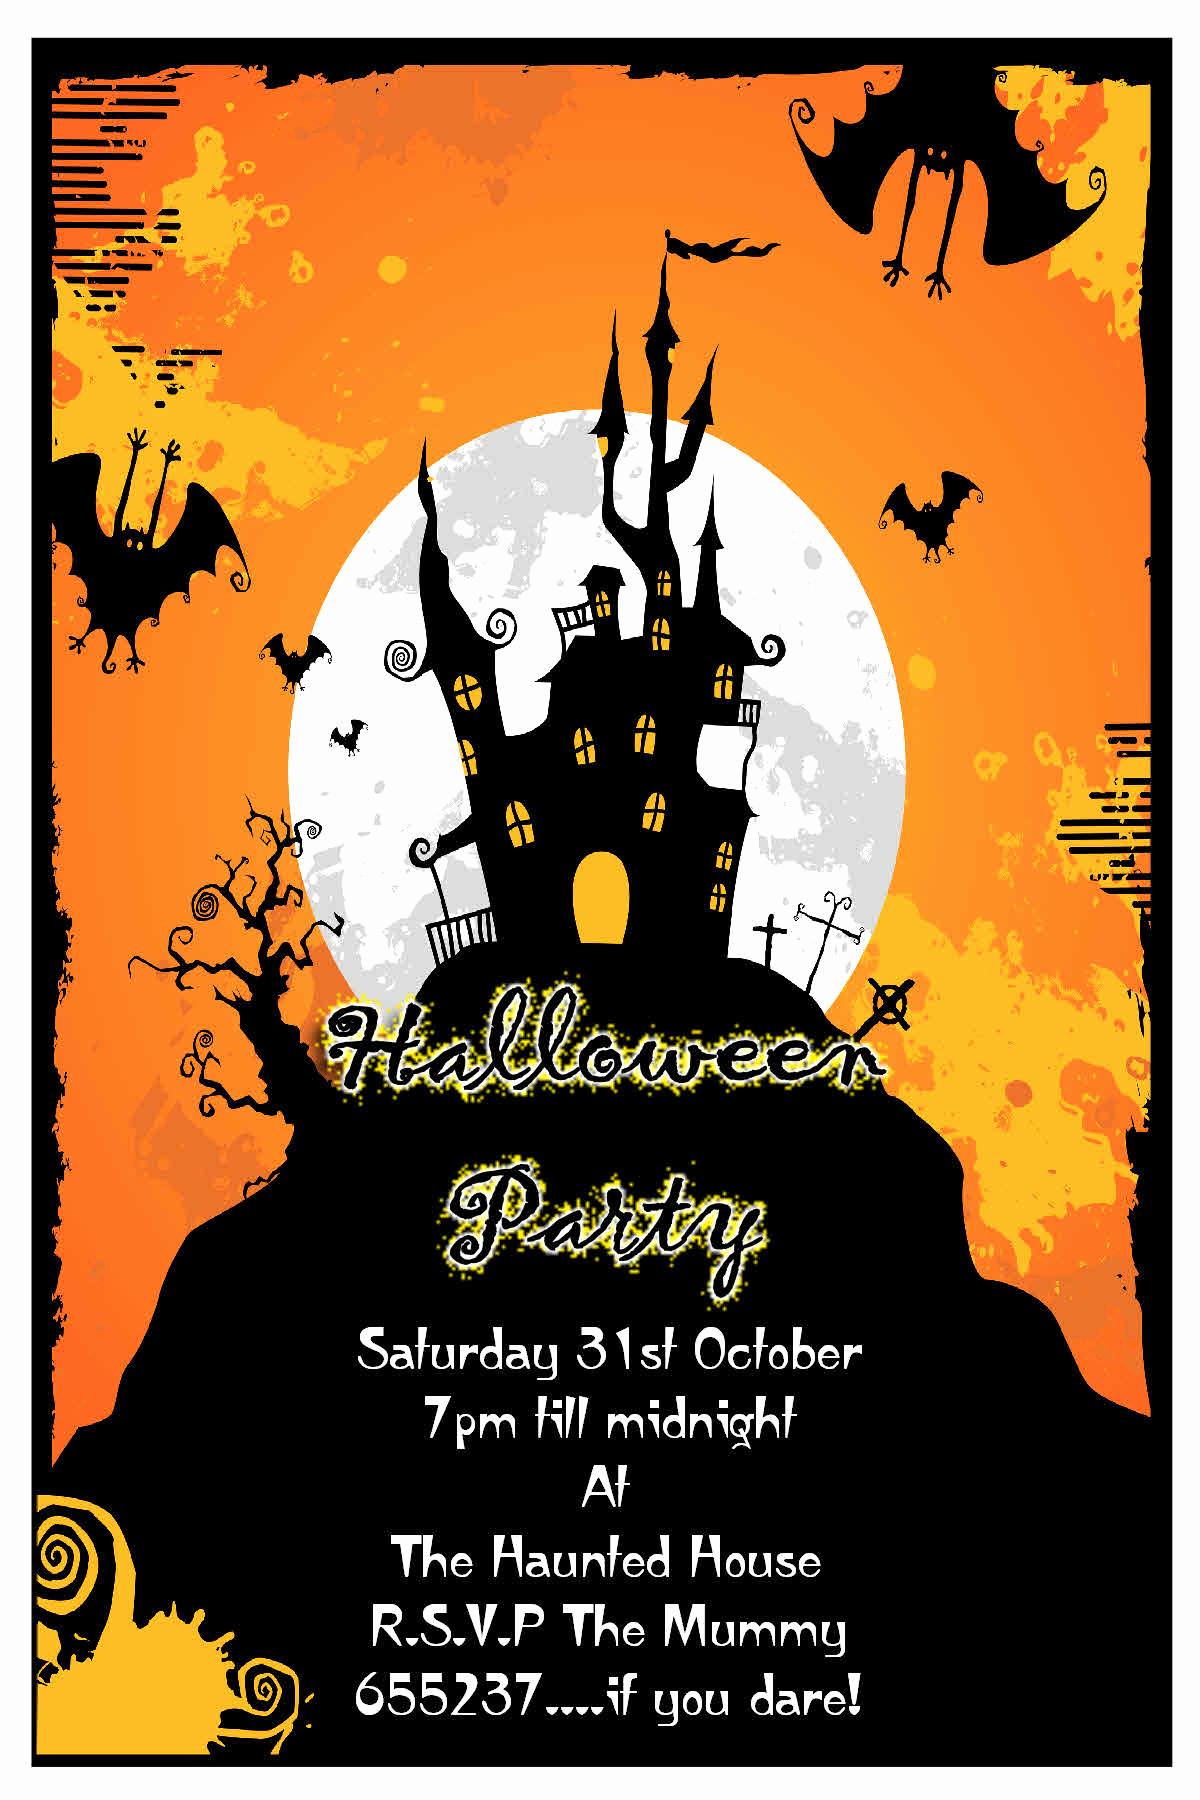 Halloween Party Invitation Templates Luxury Halloween Party Invitation Cards – Festival Collections